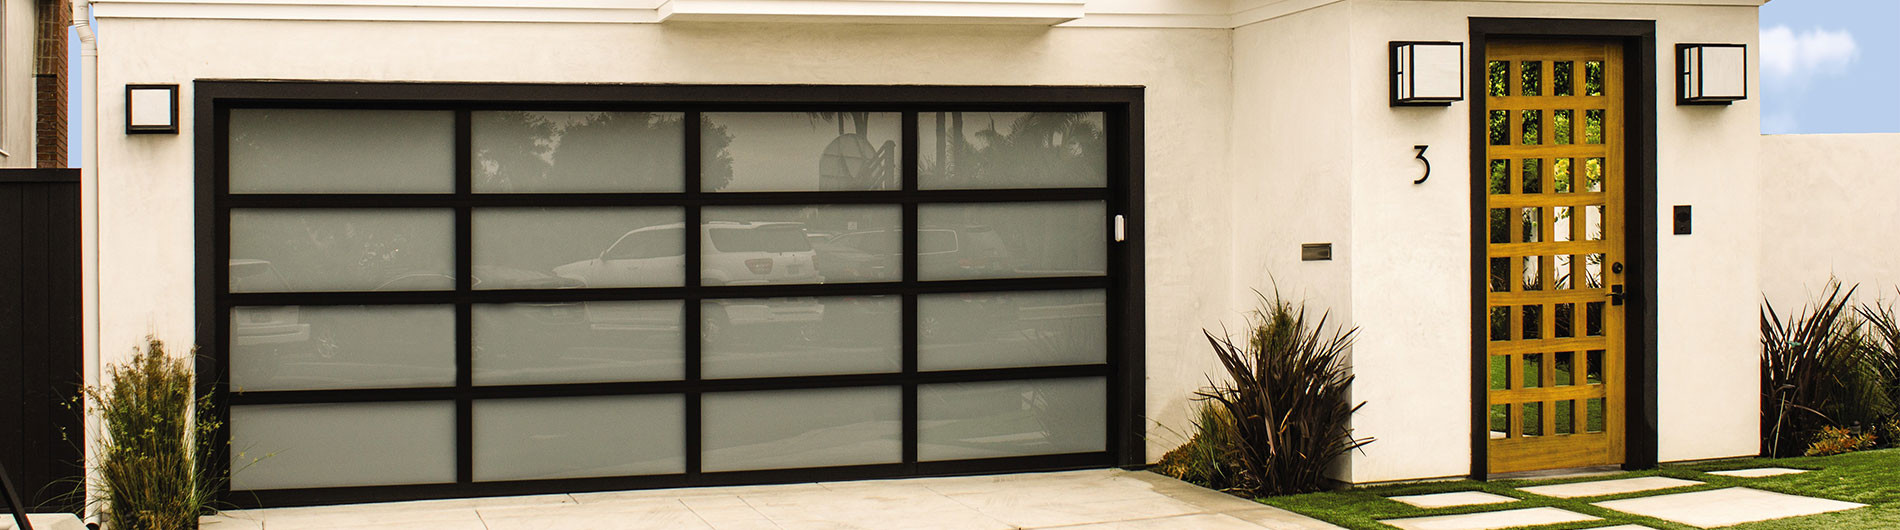 8800-Aluminum-Door-Anodized-Black-WhiteL